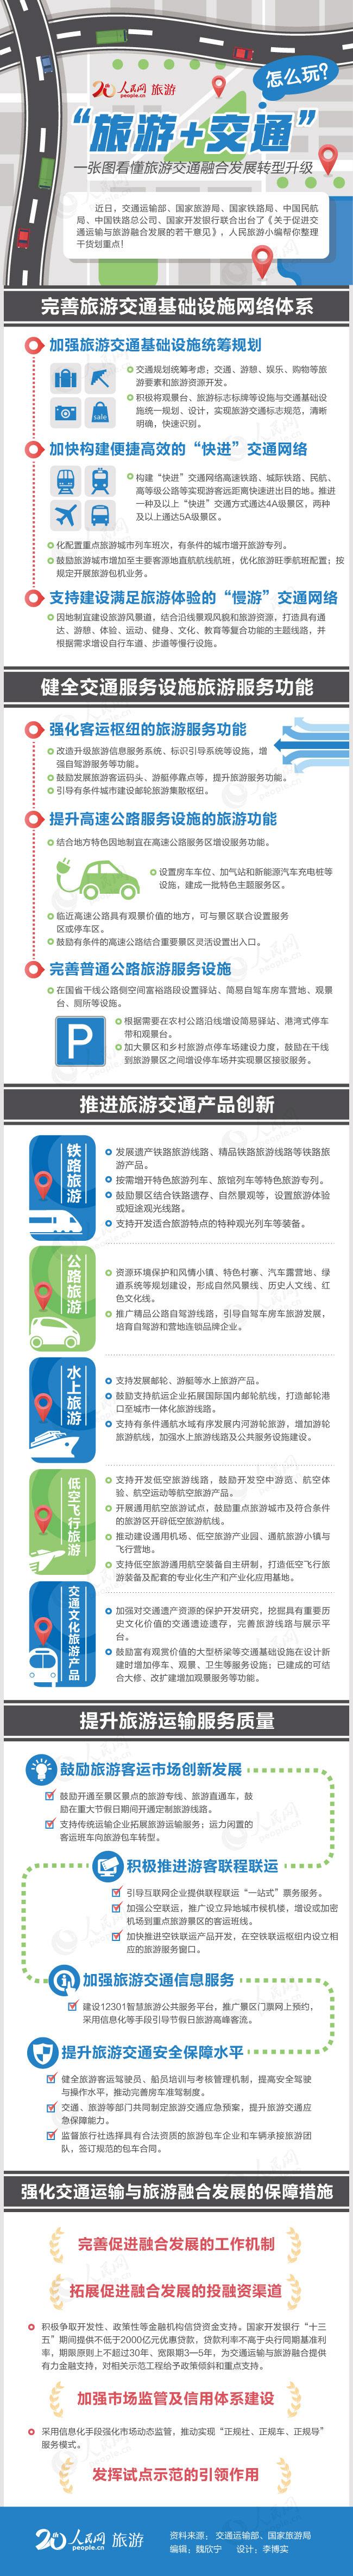 """第37期融合发展转型升级 一图看懂未来""""旅游+交通""""怎么玩交通运输部、国家旅游局、国家铁路局、中国民航局、中国铁路总公司、国家开发银行六部门联合印发了《关于促进交通运输与旅游融合发展的若干意见》(以下简称《若干意见》)。《若干意见》提出,到2020年,我国将基本建成结构合理、功能完善、特色突出、服务优良的旅游交通运输体系。""""旅游+交通""""怎么玩?人民旅游小编带你一图看懂旅游交通融合发展、转型升级。"""